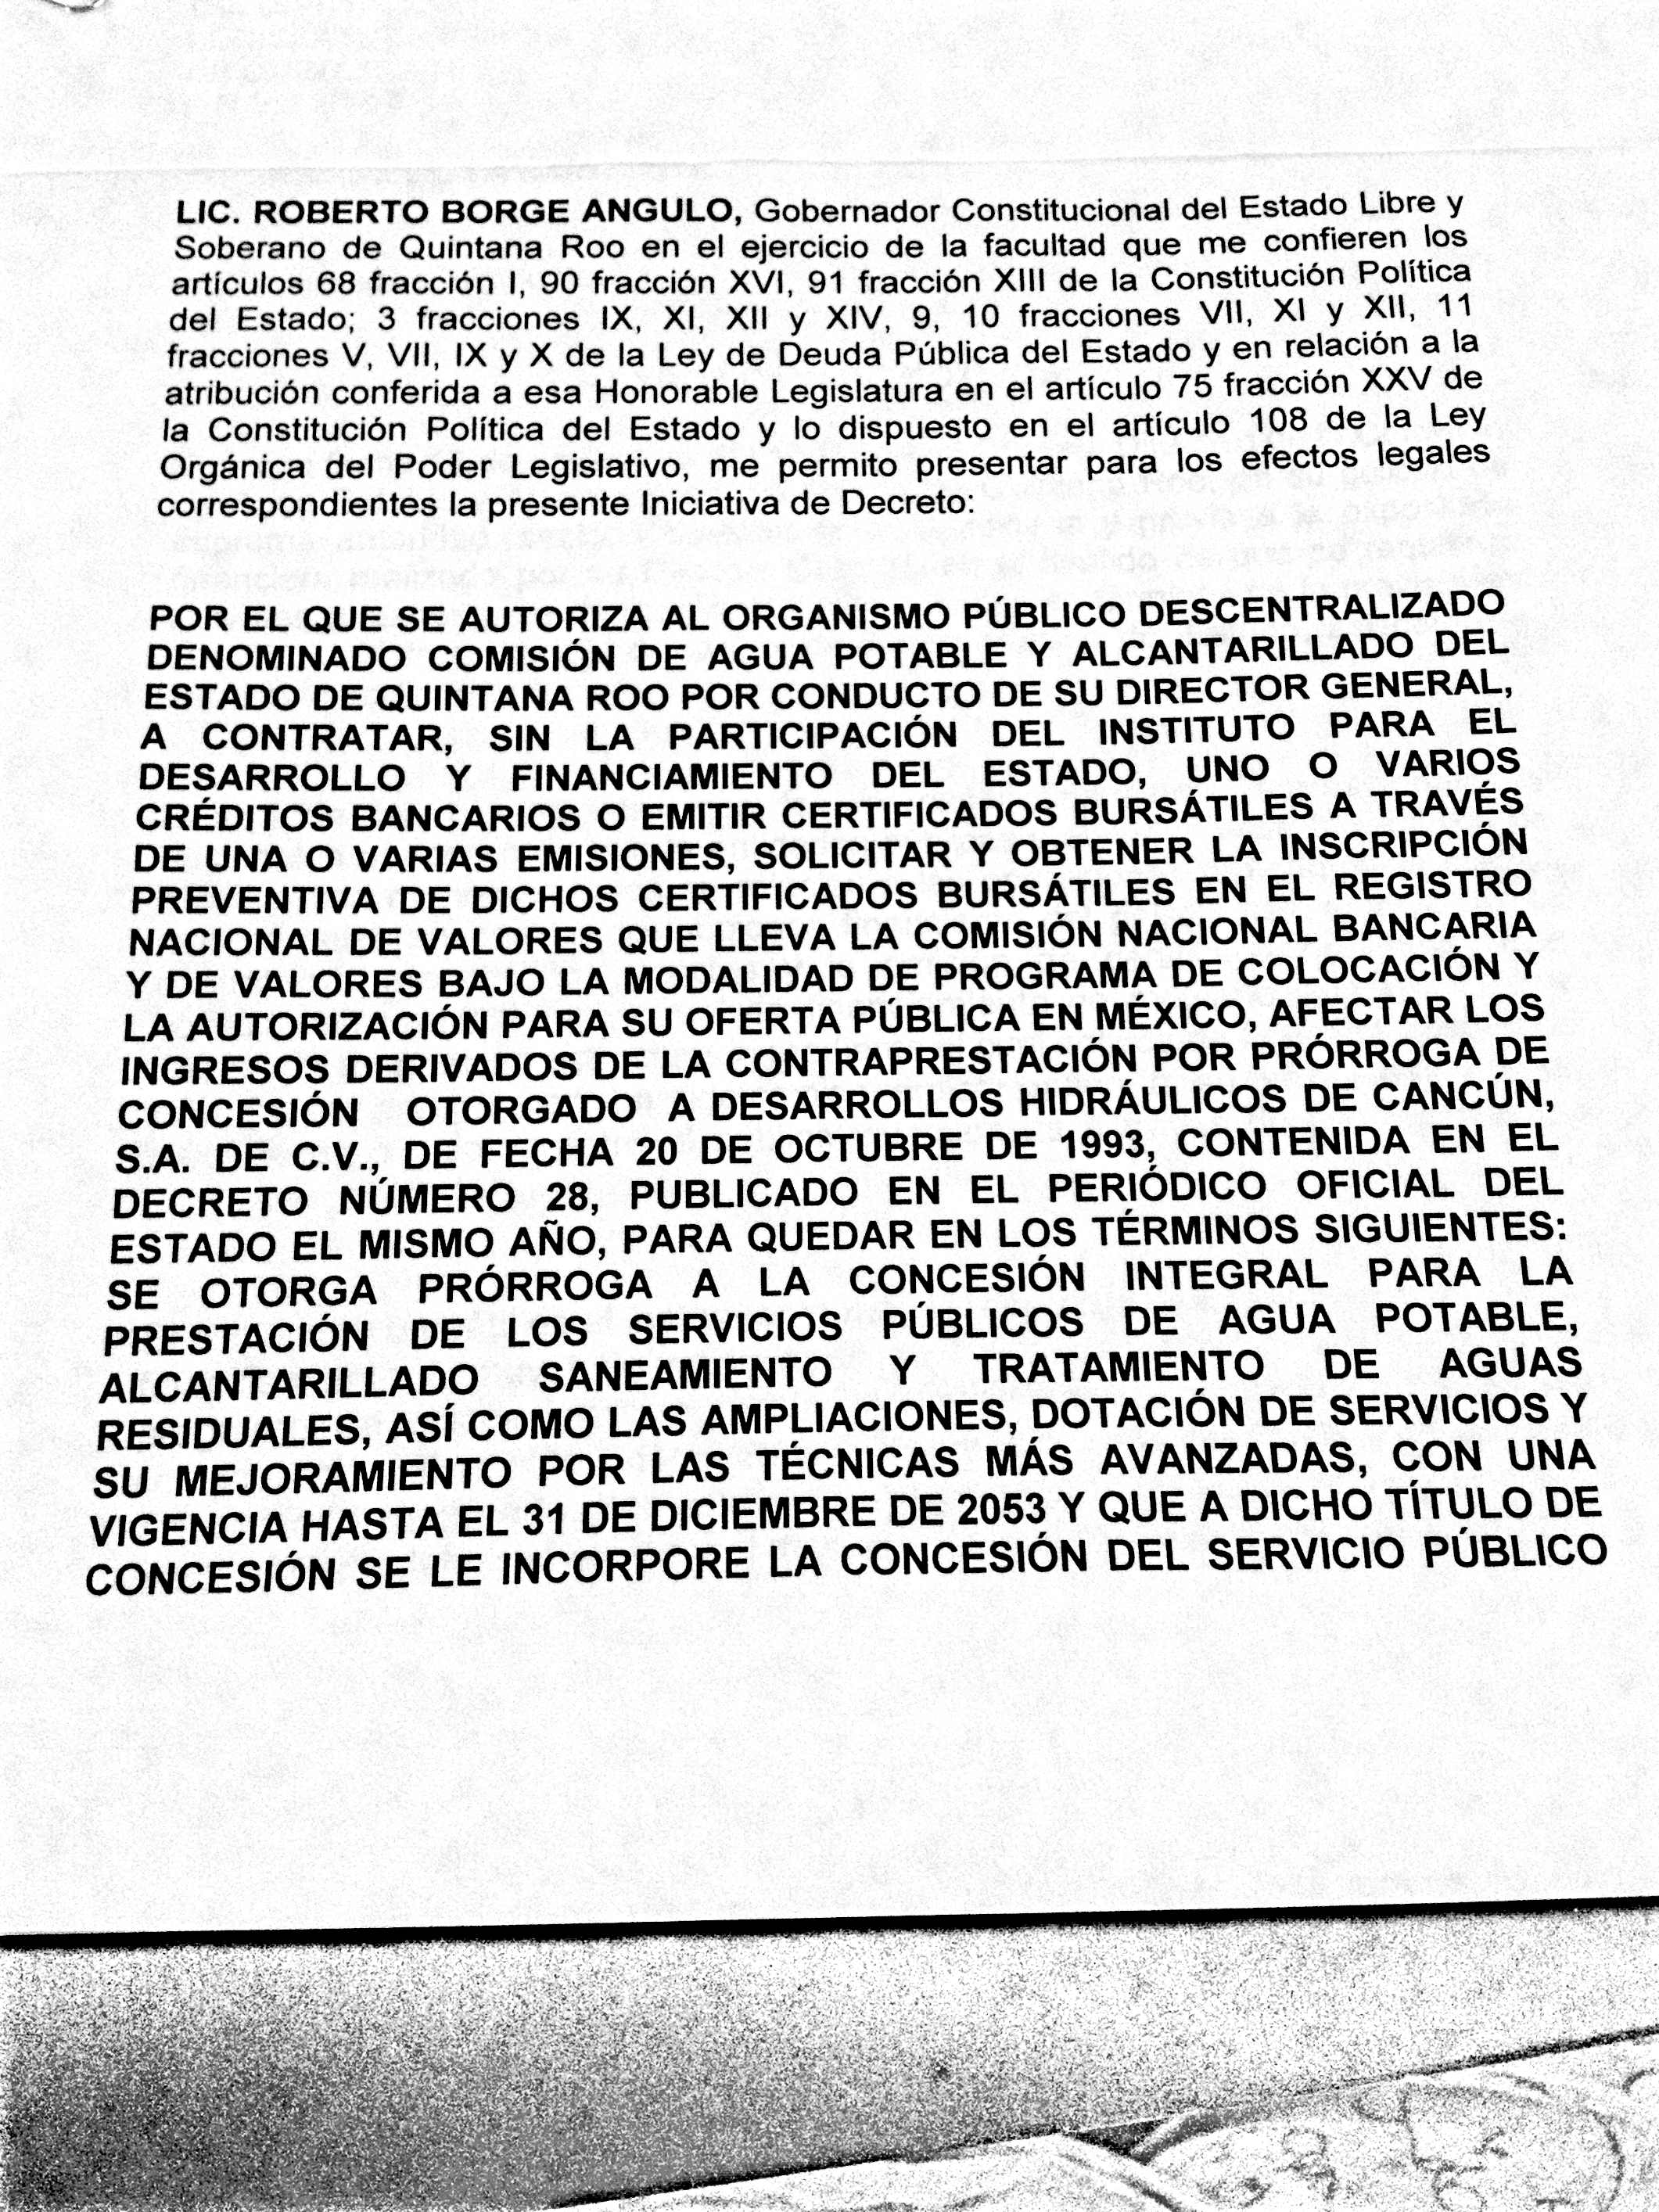 LE HINCAN EL DIENTE A CAPA: Tras entregar concesiones a Aguakán en Playa, Cancún e IM, Borge quiere crédito por 980 mdp a nombre del organismo